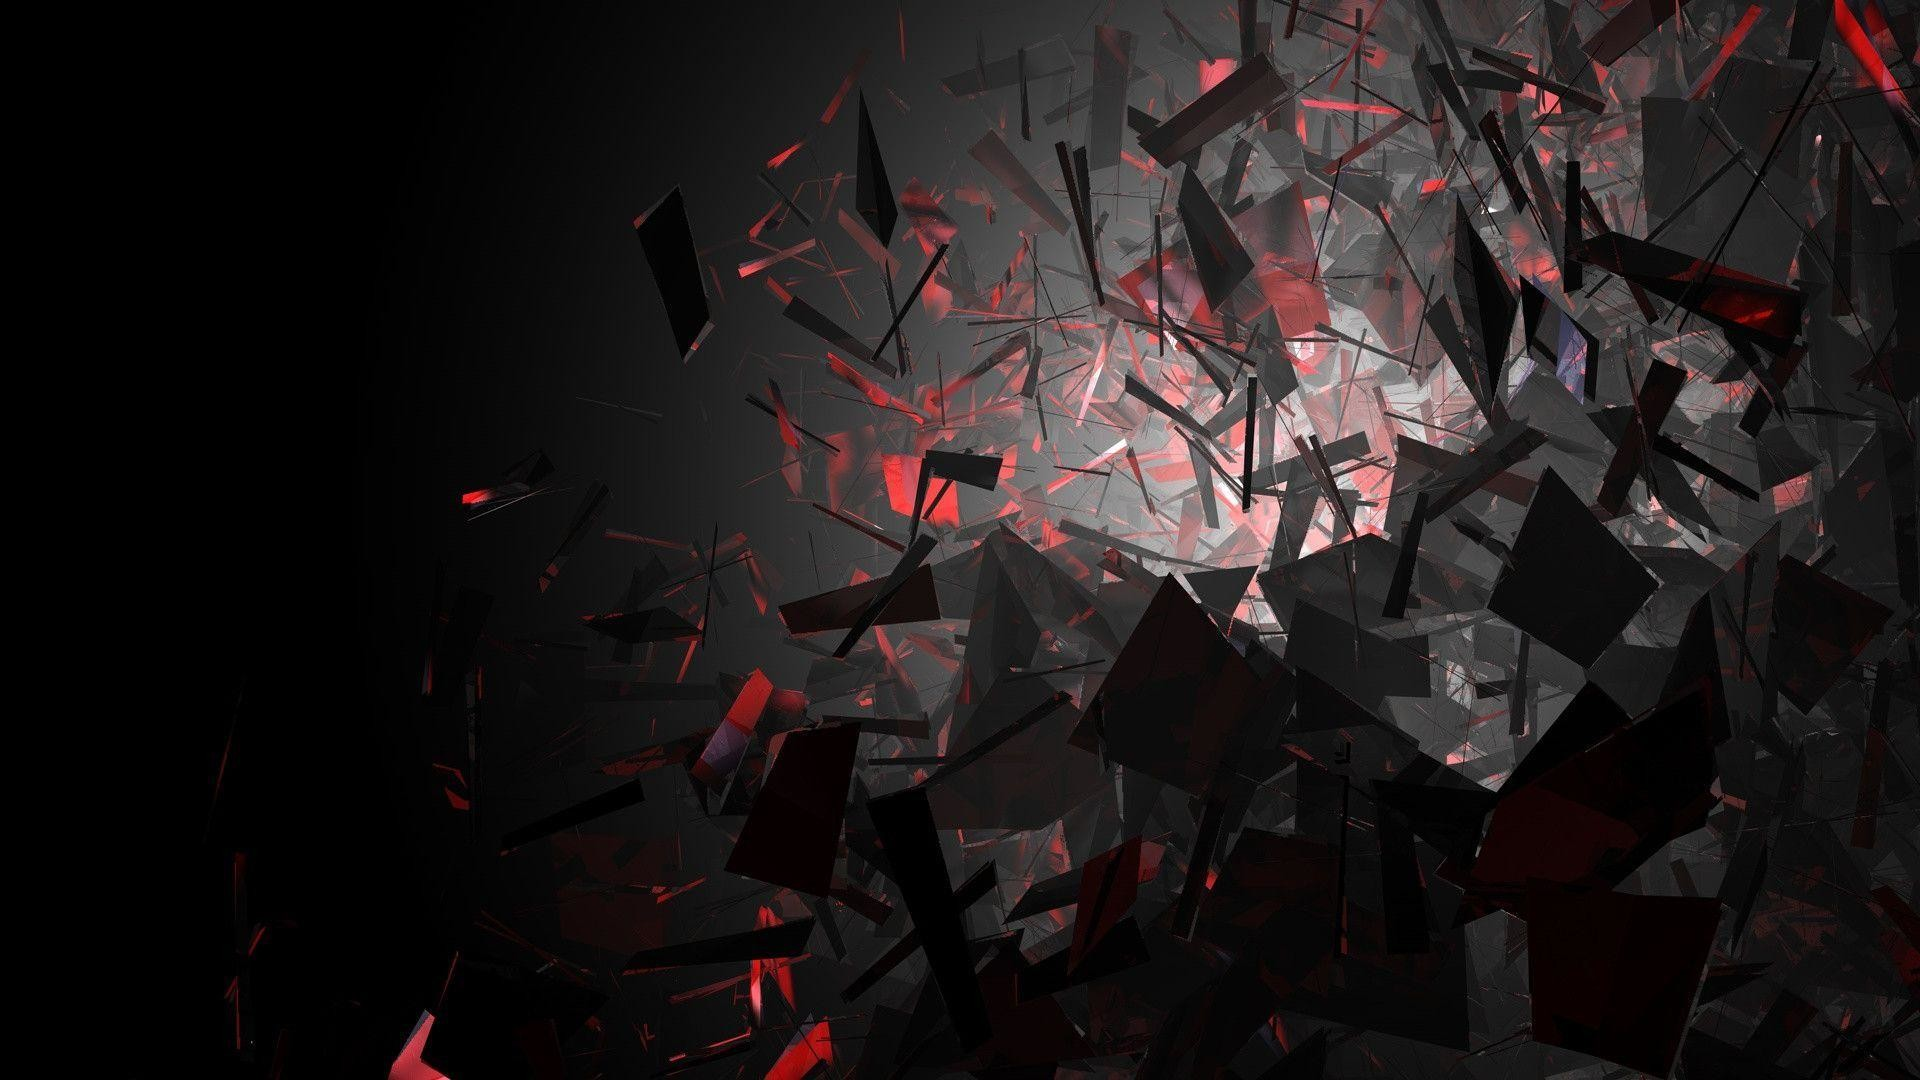 Abstract Dark Black Wallpaper – MixHD wallpapers